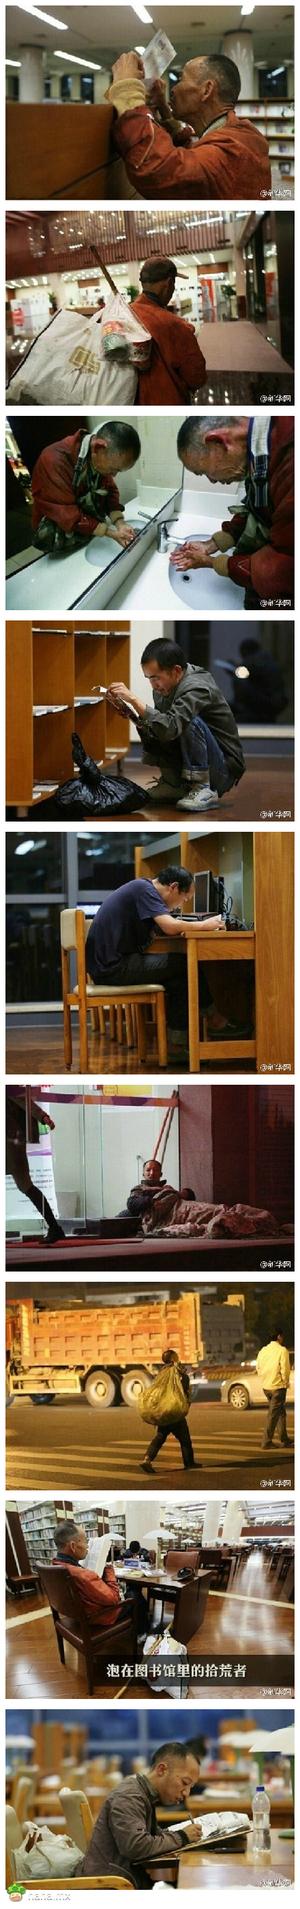 """杭州图书馆允许拾荒者入内阅读,唯一要求是:要洗手。有市民表示无法接受,馆长褚树青说:""""我无权拒绝他们来读书,但您有权离开。"""